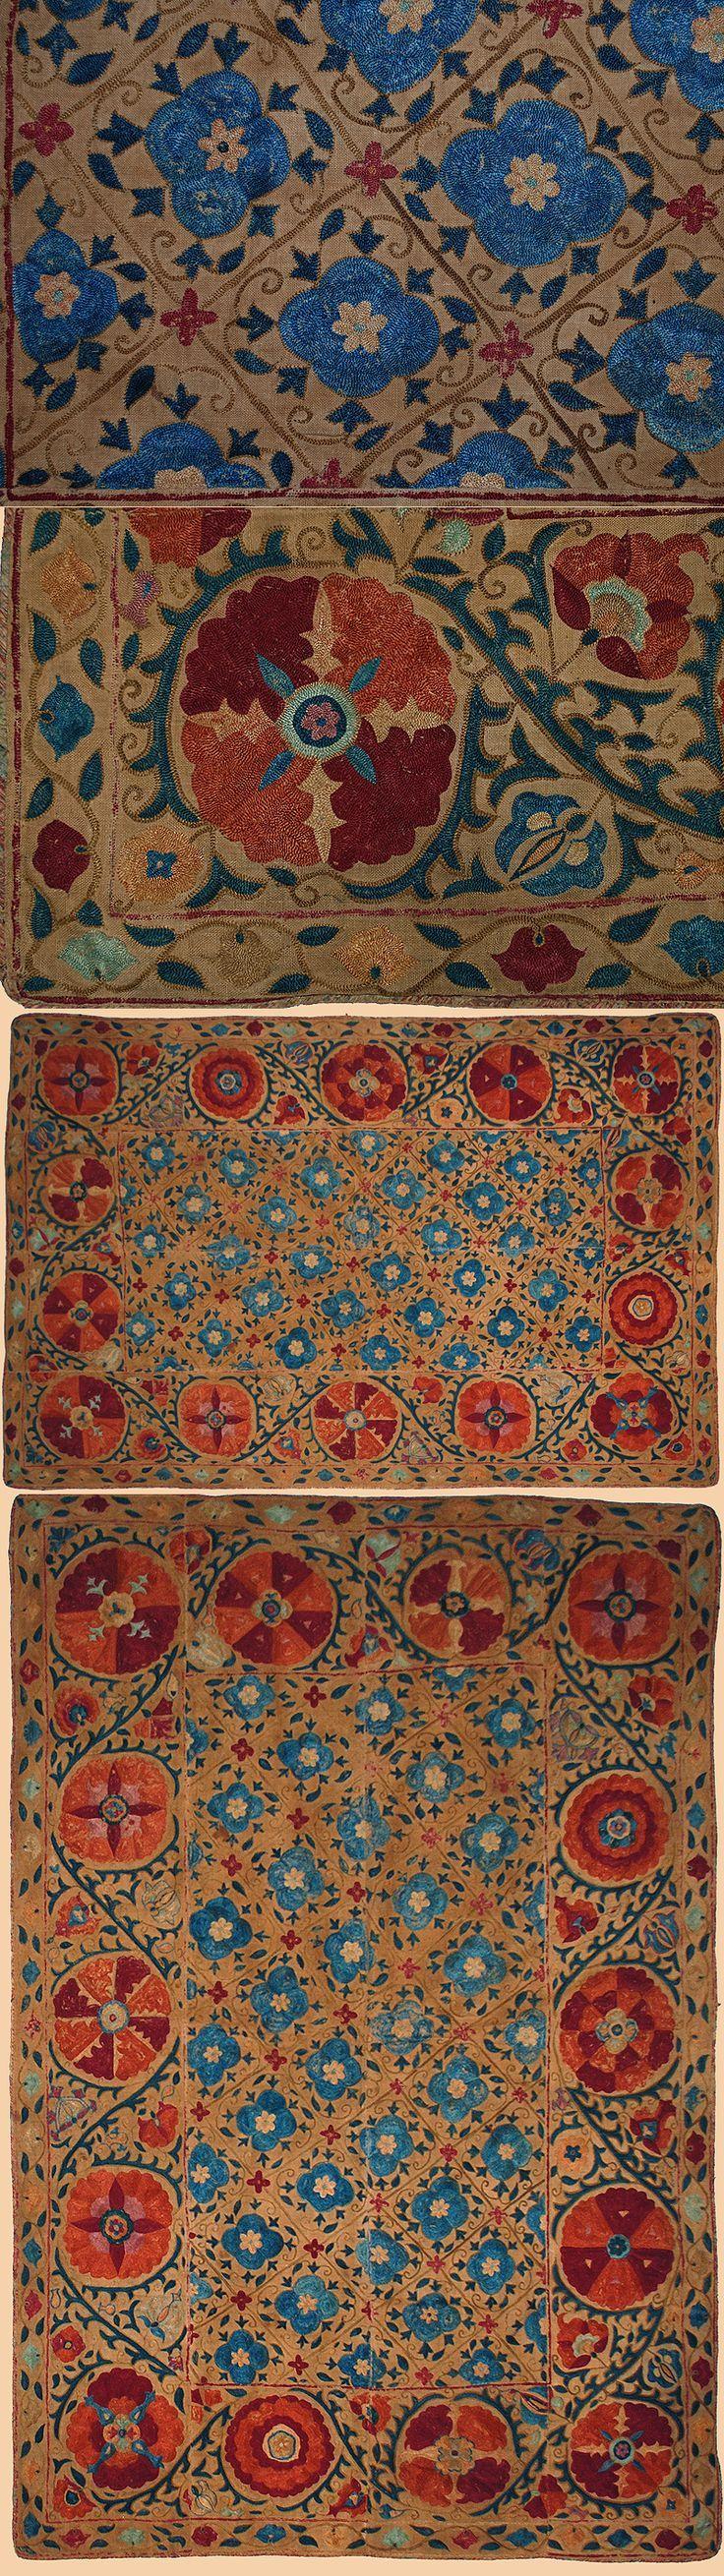 Middle Eastern Textiles Http Textileasart Com Fine Antique Textiles And Antique Textile Information Antique Fabrics Antique Textiles Fabric Art